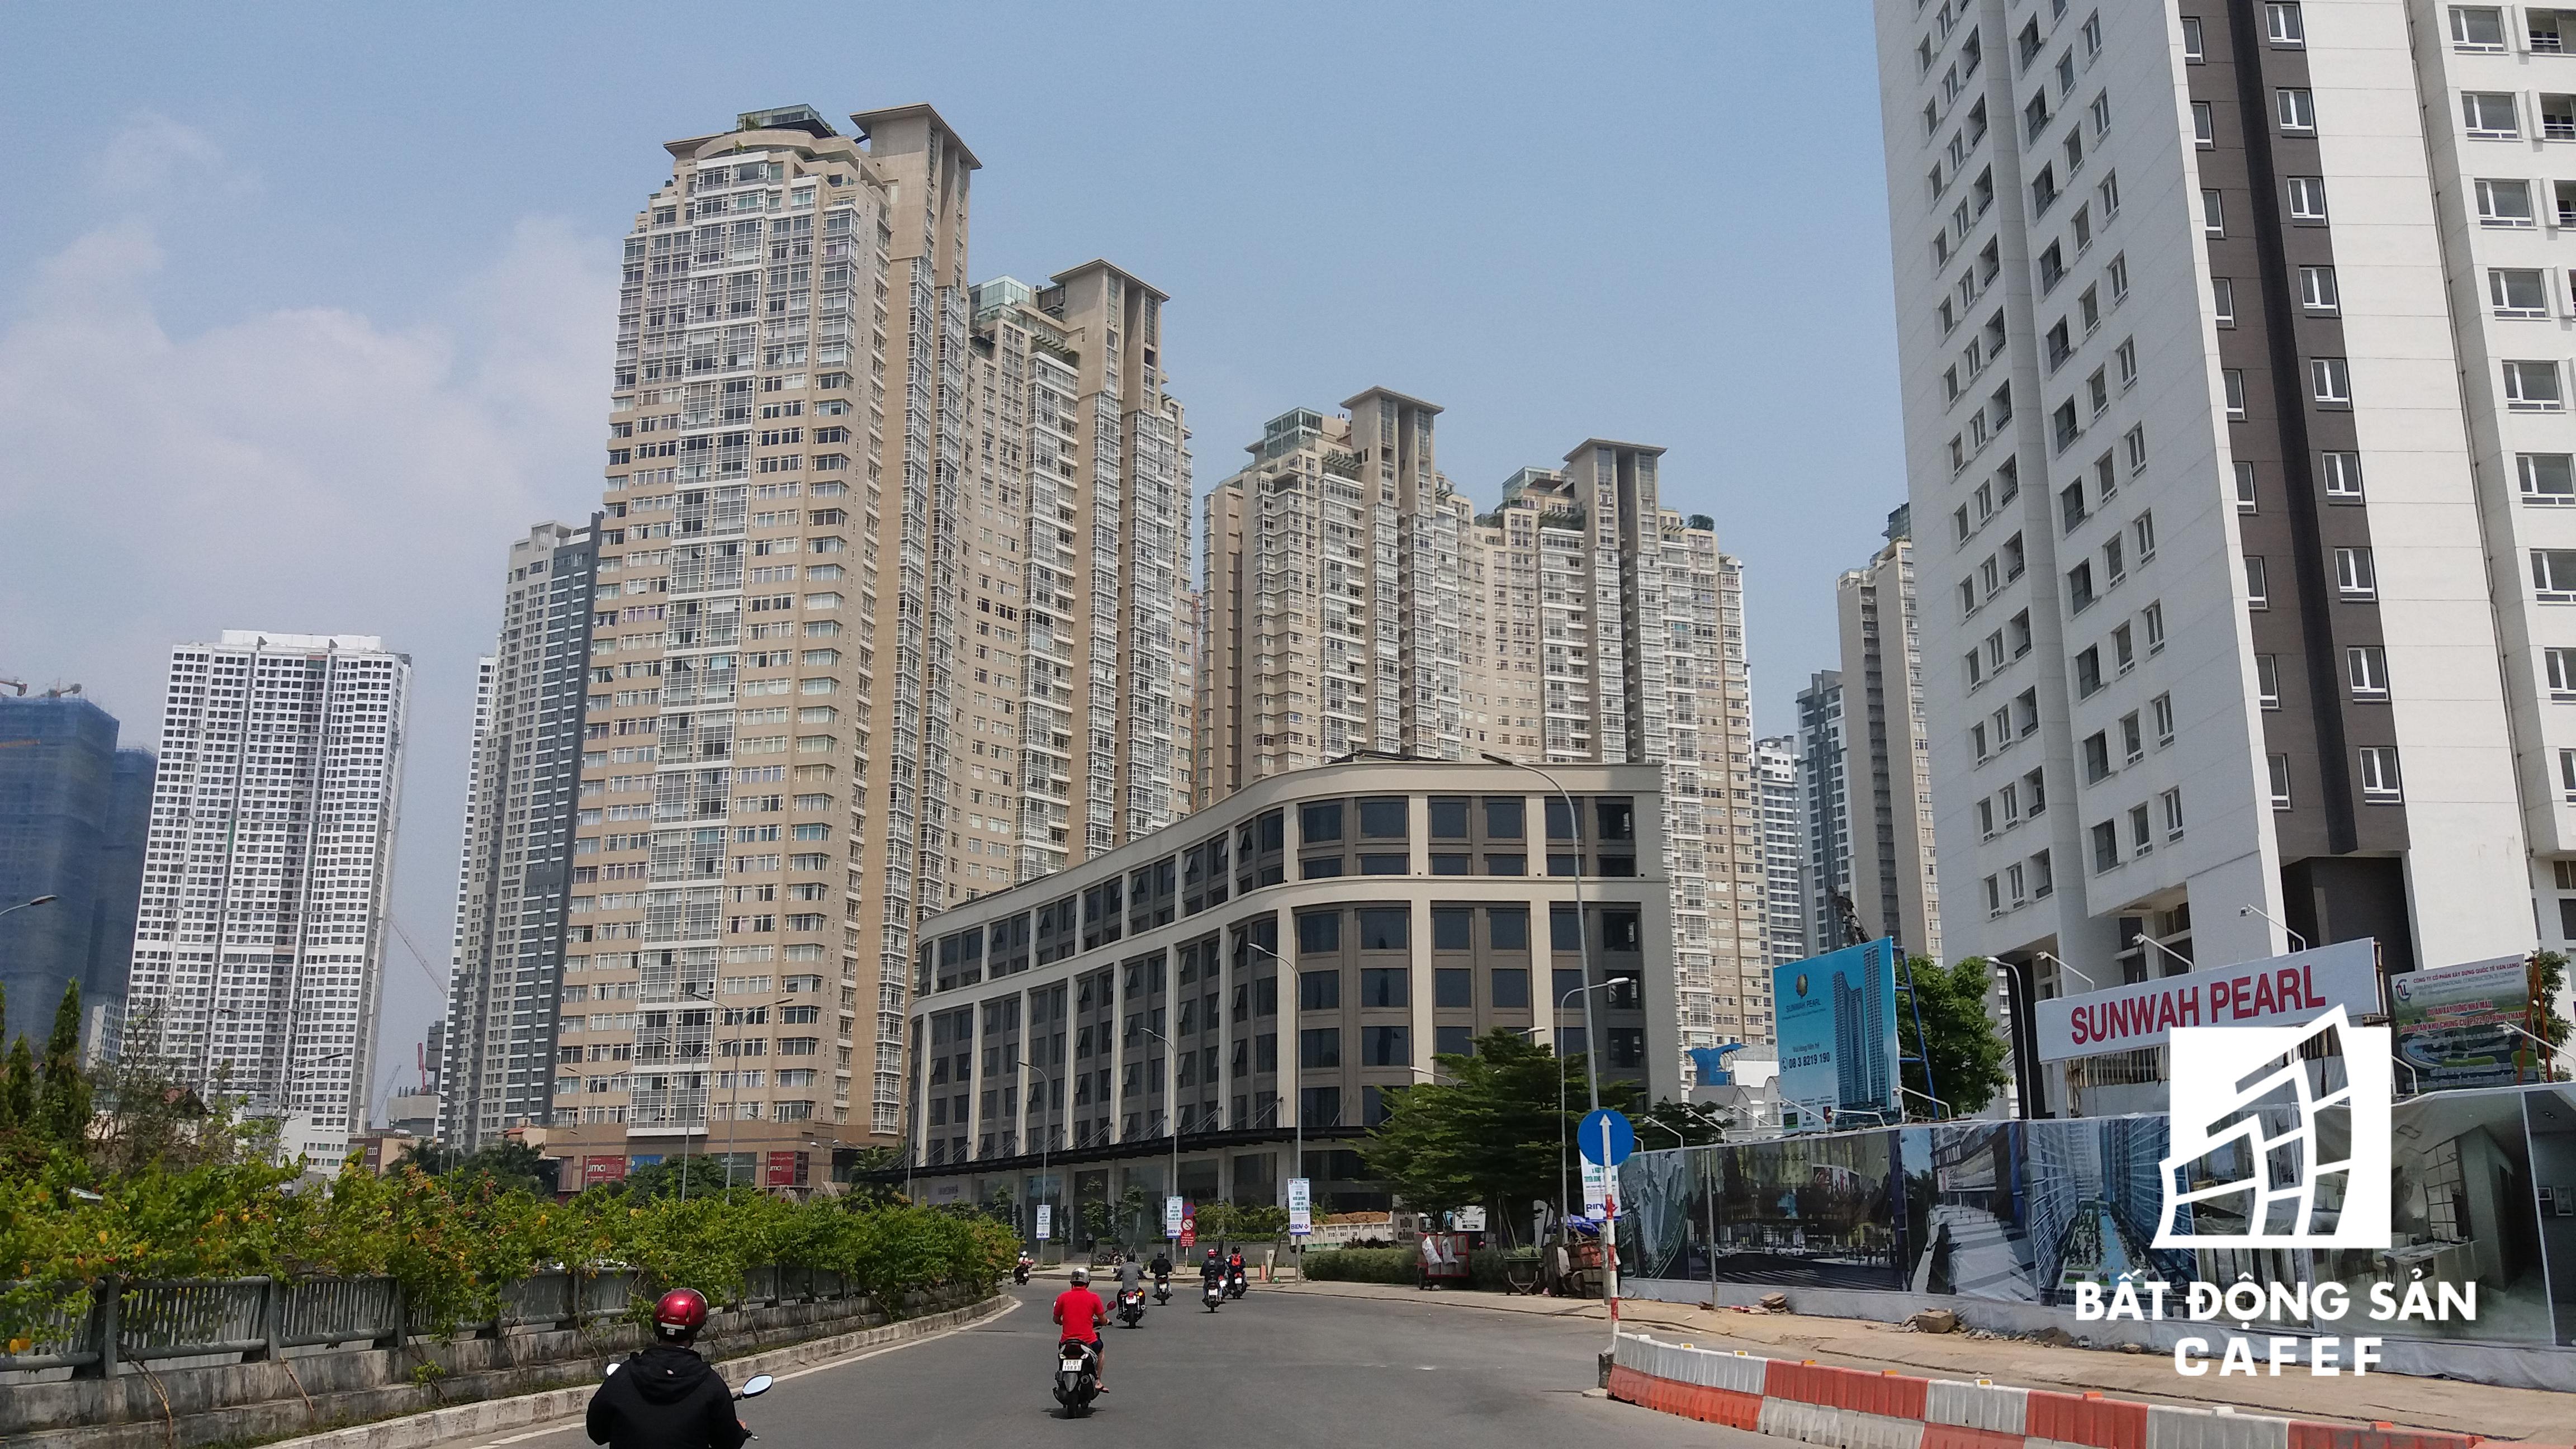 Saigon Pearl là một trong những chung cư cao cấp đầu tiên được xây dựng ở khu vực này.